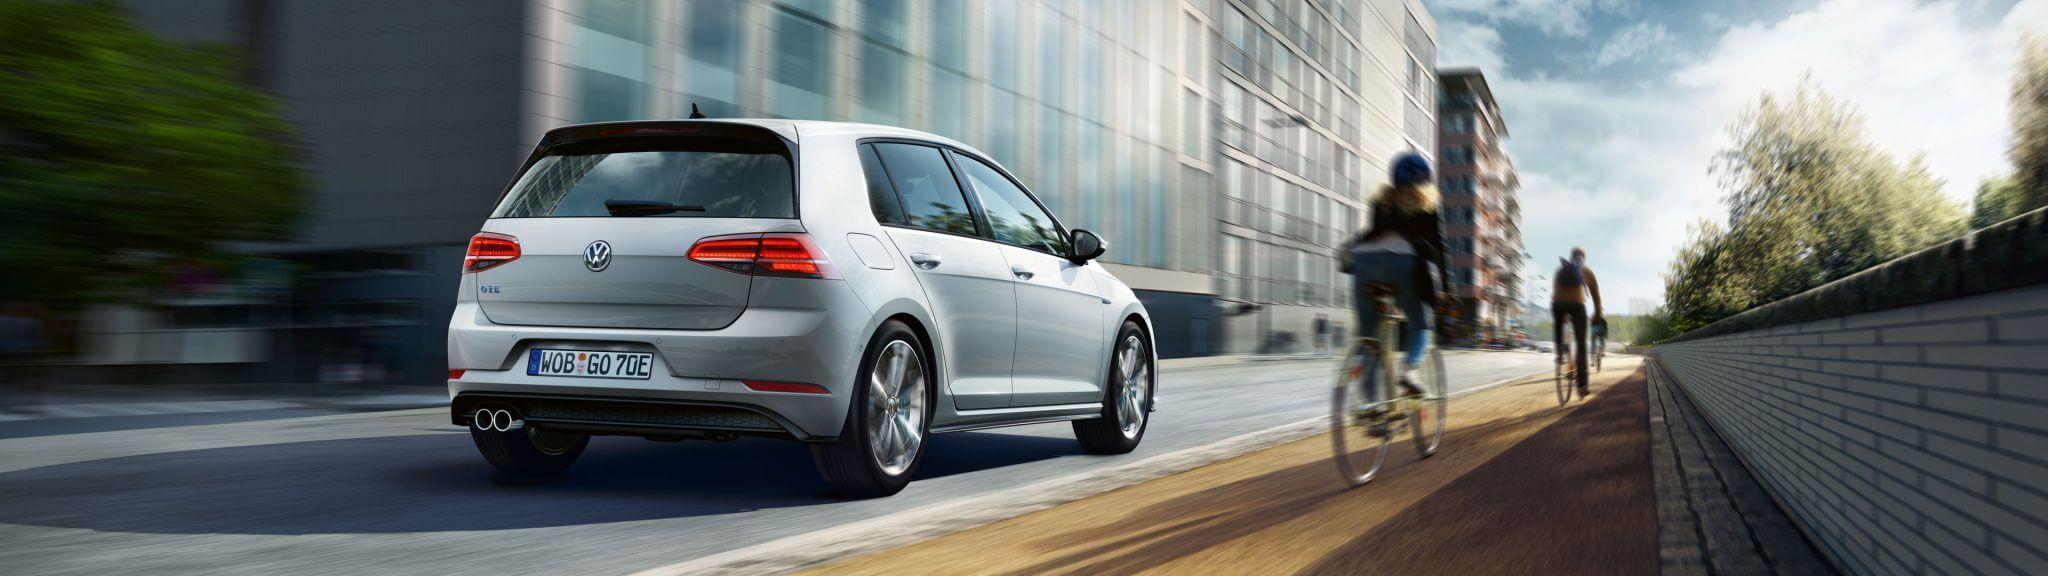 VW Golf GTE Heckansicht des Hybrid Golfs Funktionsweise Blind Spot Bildquelle: Volkswagen.de